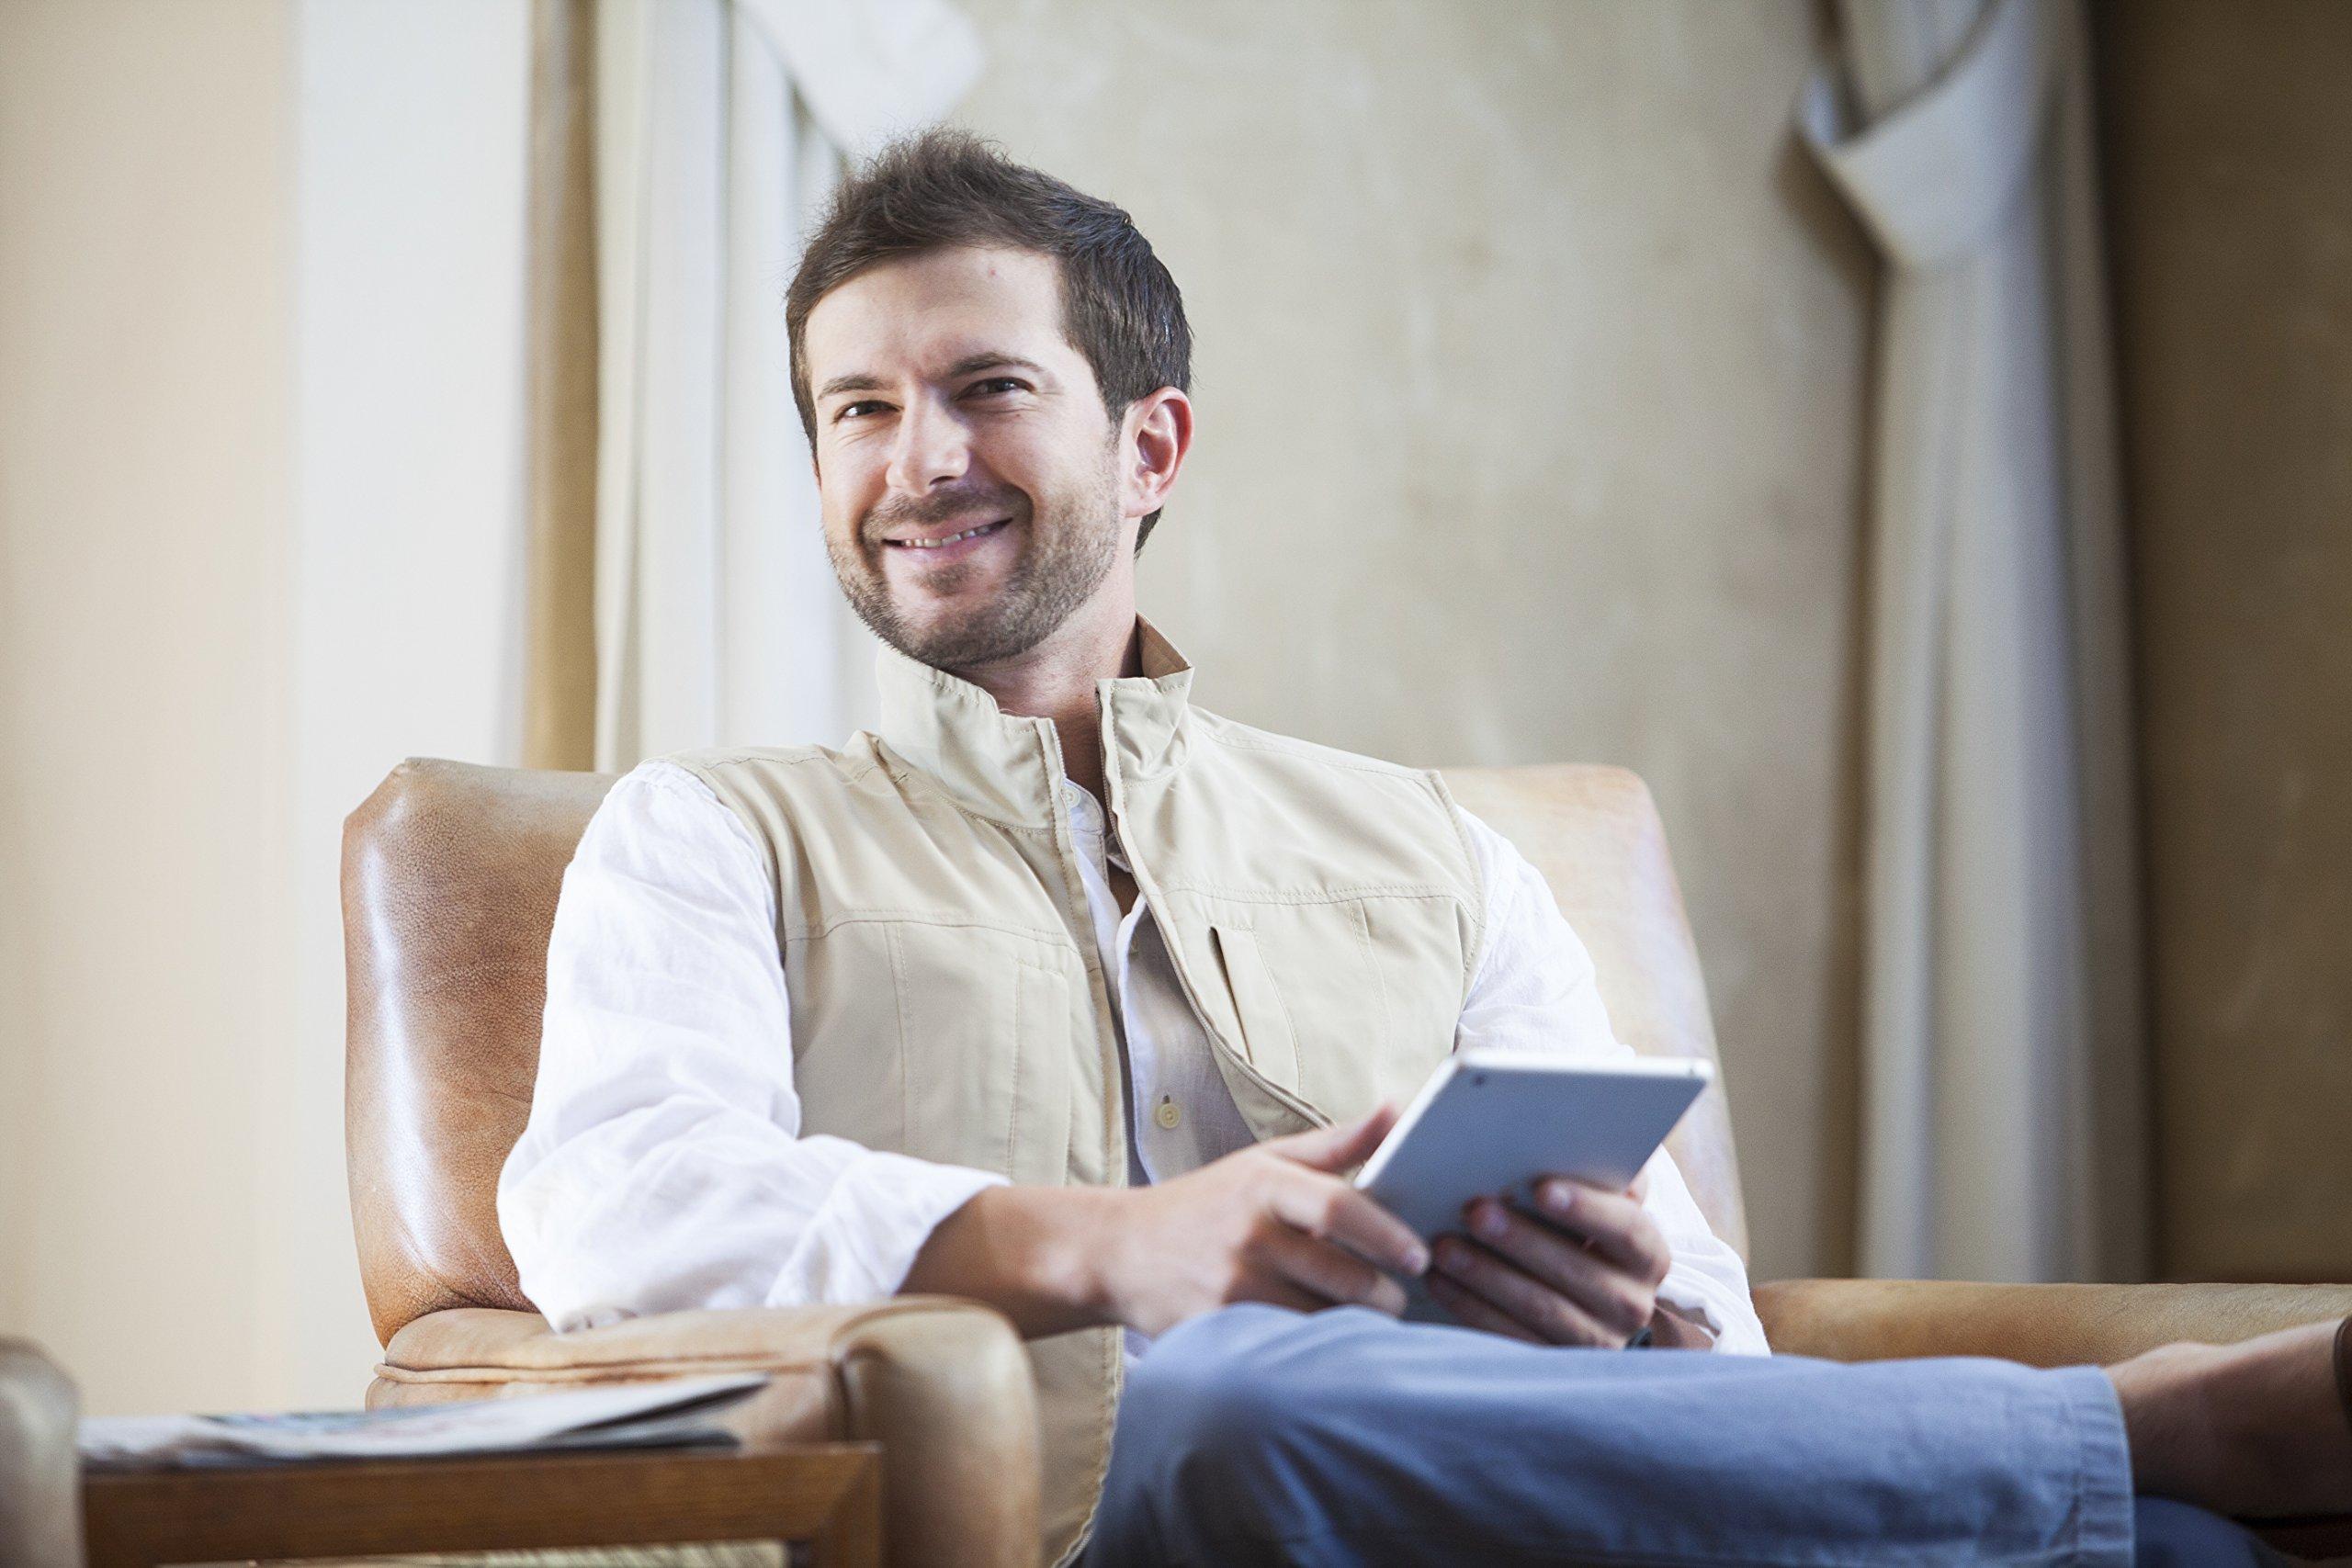 SCOTTeVEST Men's RFID Travel Vest - 26 Pockets – Travel Clothing Blk XXXL by SCOTTeVEST (Image #4)